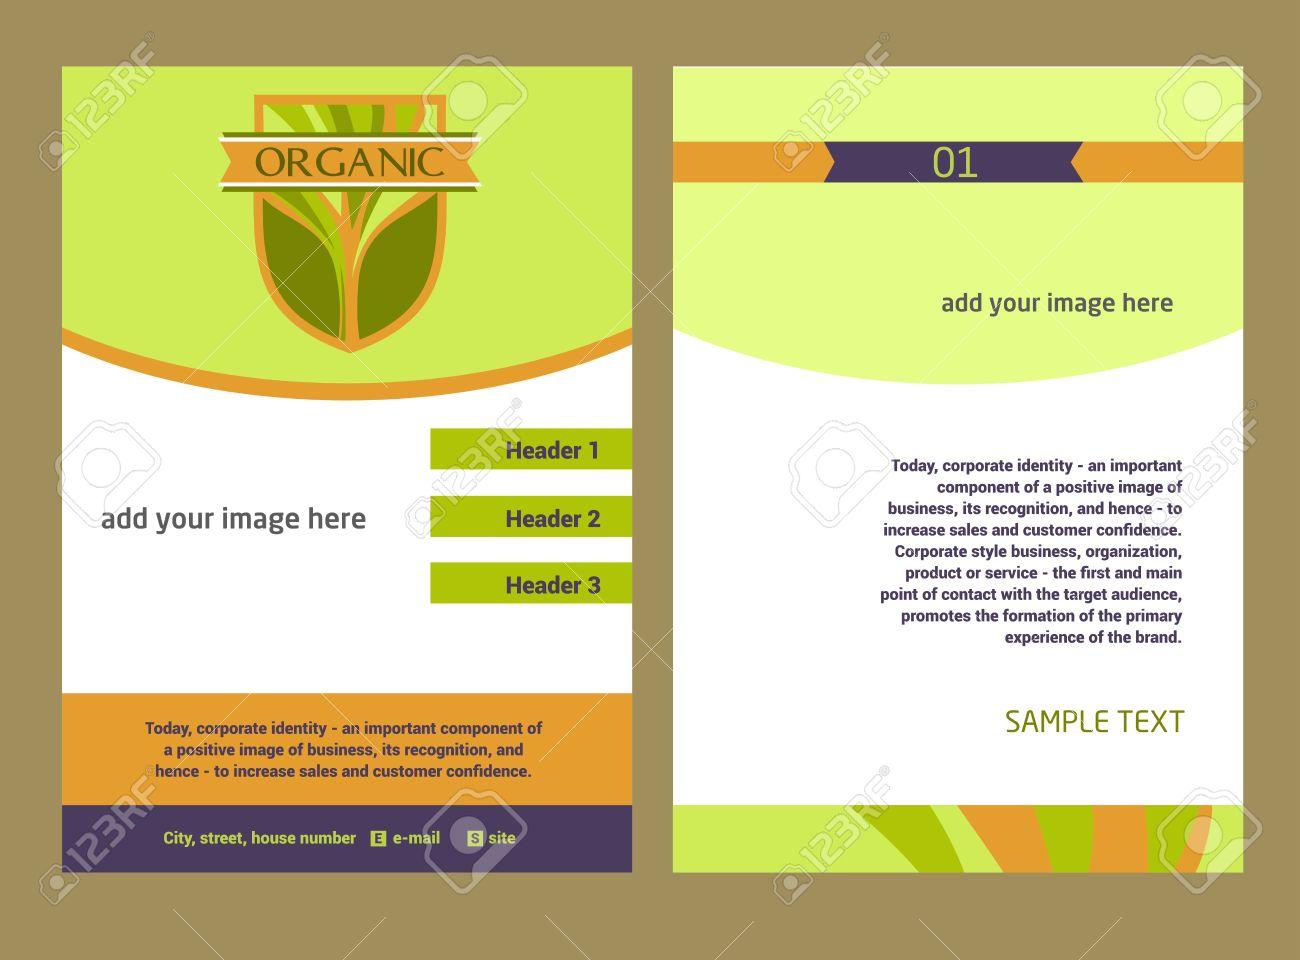 brochure flyer template vecteur de conception en format a 36378730 brochure flyer template vecteur de conception en format a4 concevoir avec l image d un arbre les pro banque d images jpg